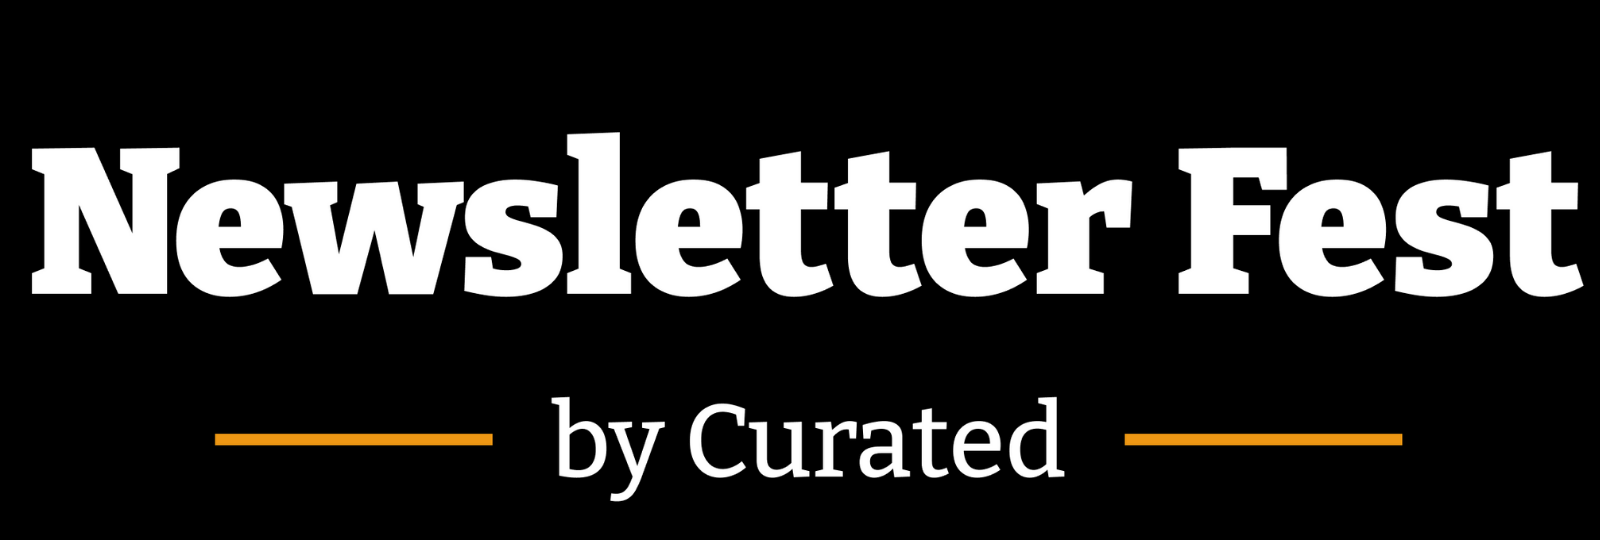 Newsletter Fest